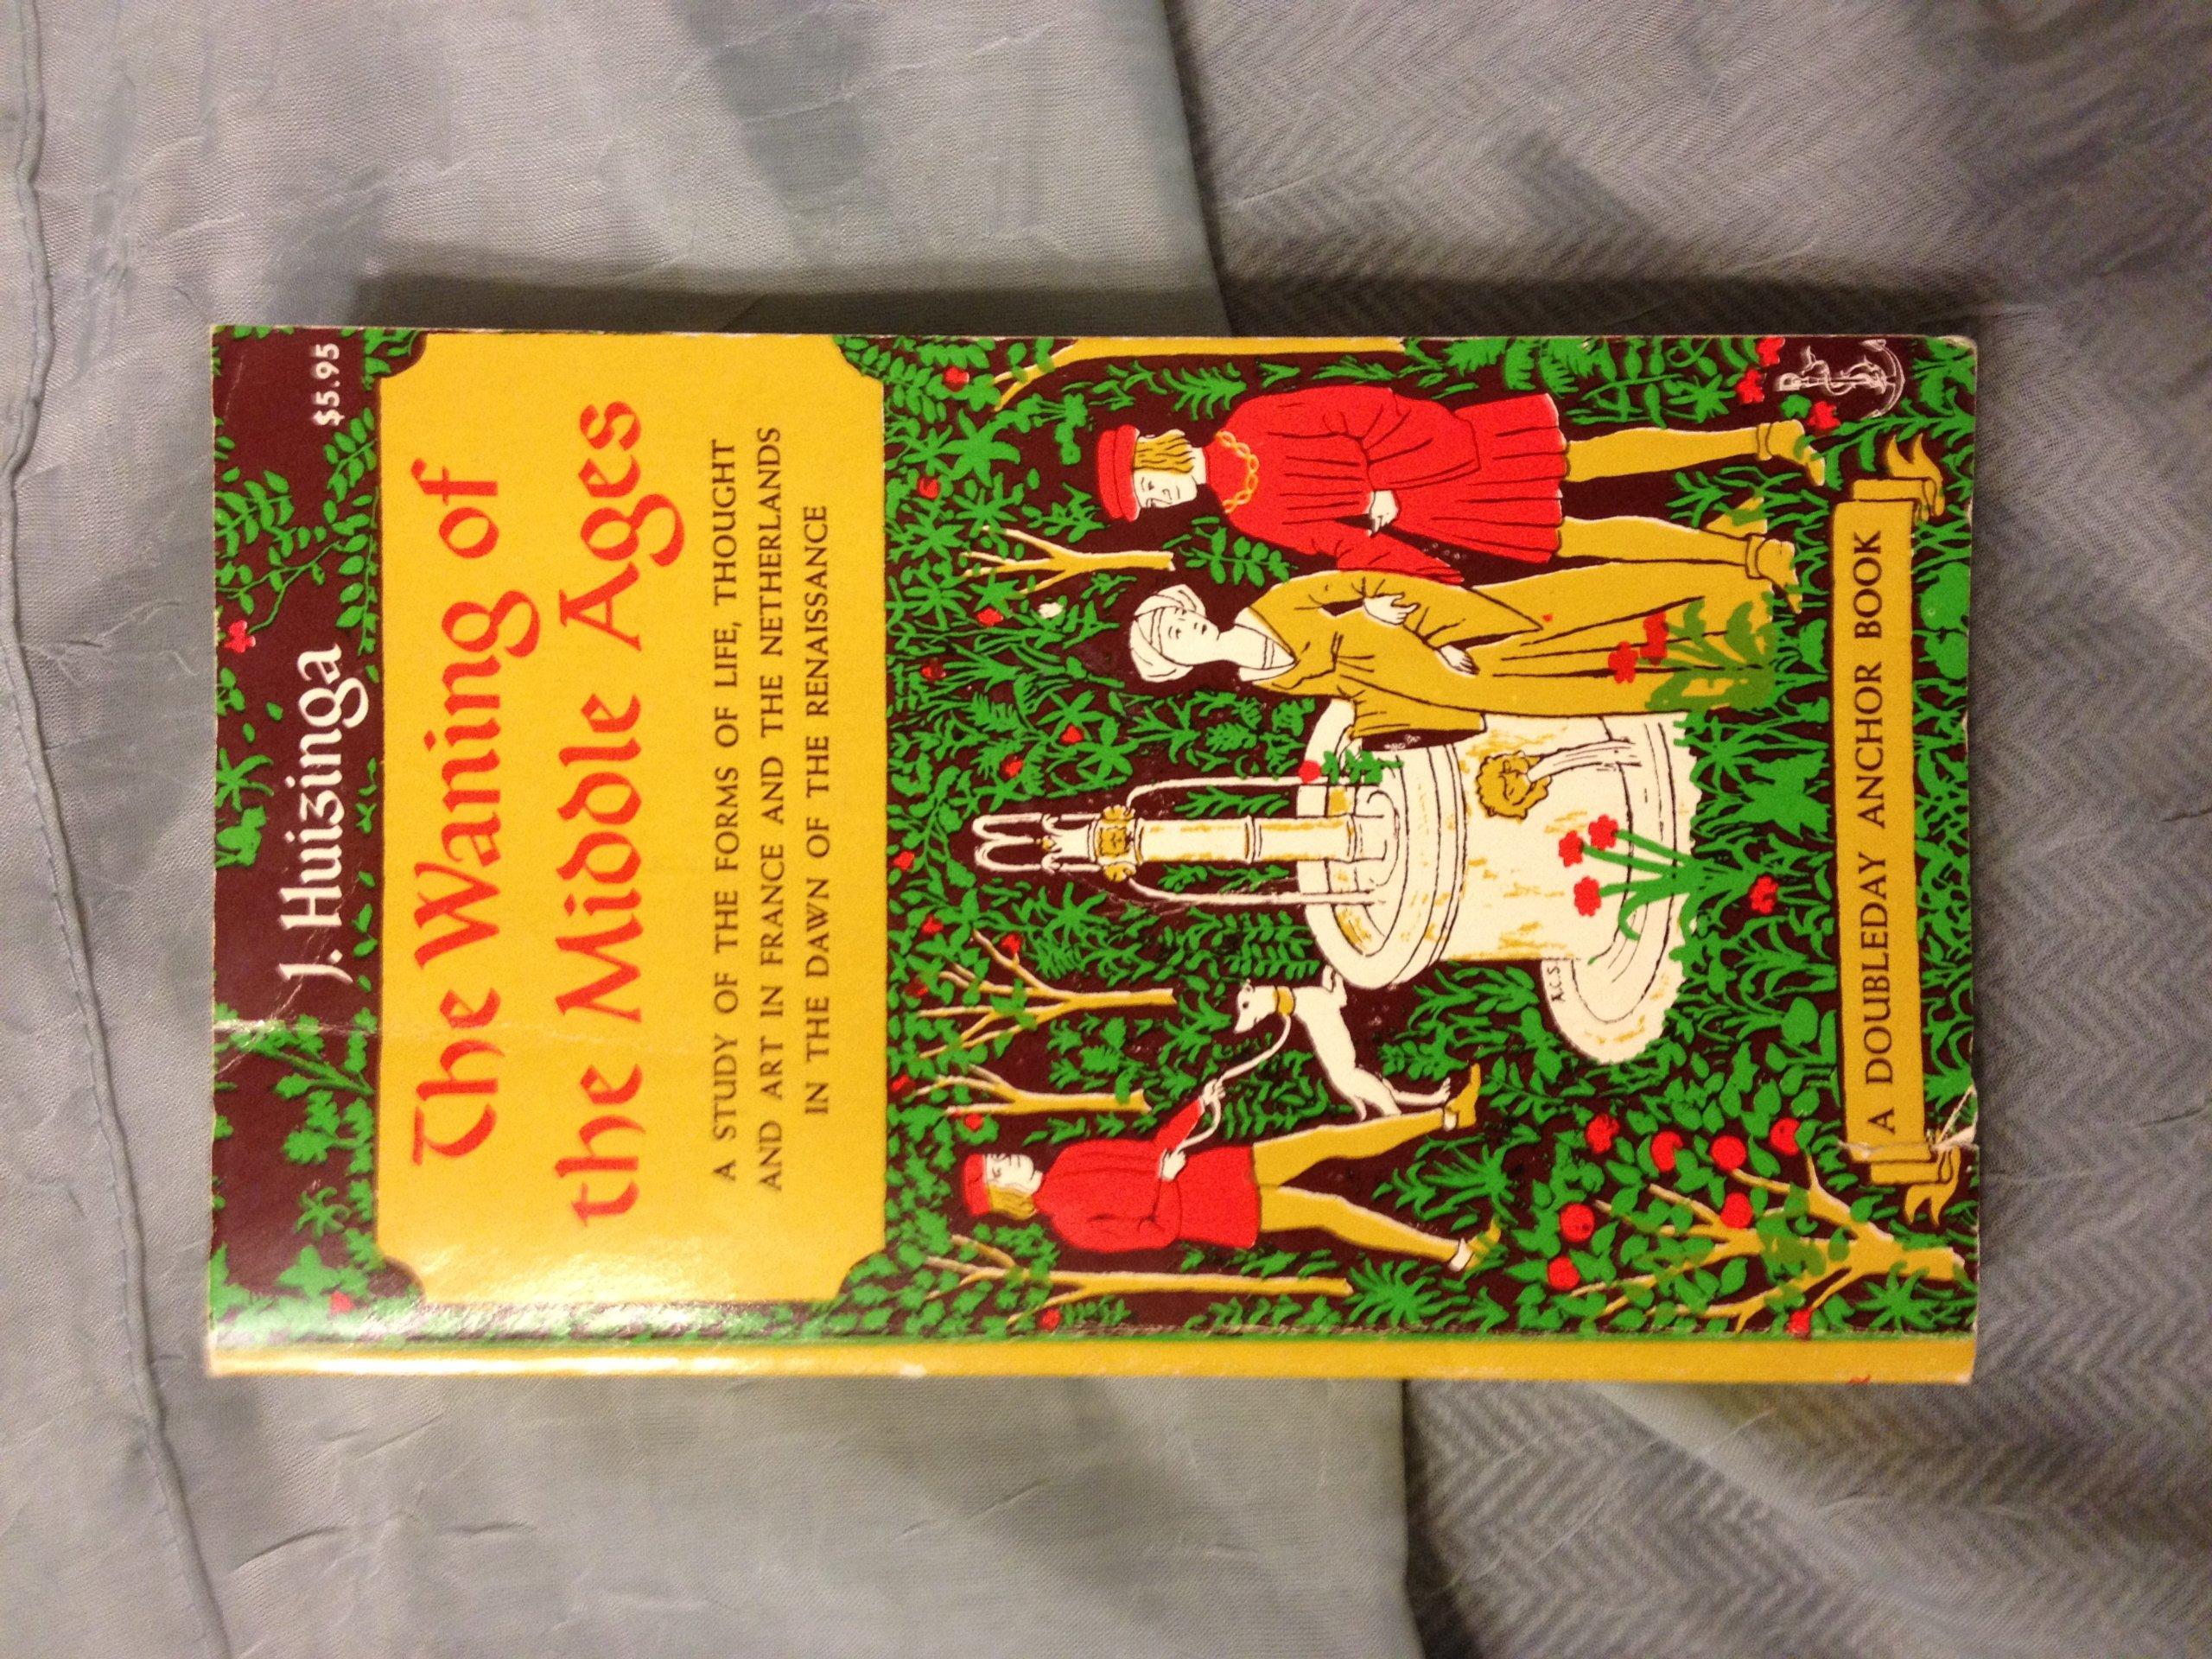 Waning of the middle ages the j huizinga amazon books fandeluxe Choice Image